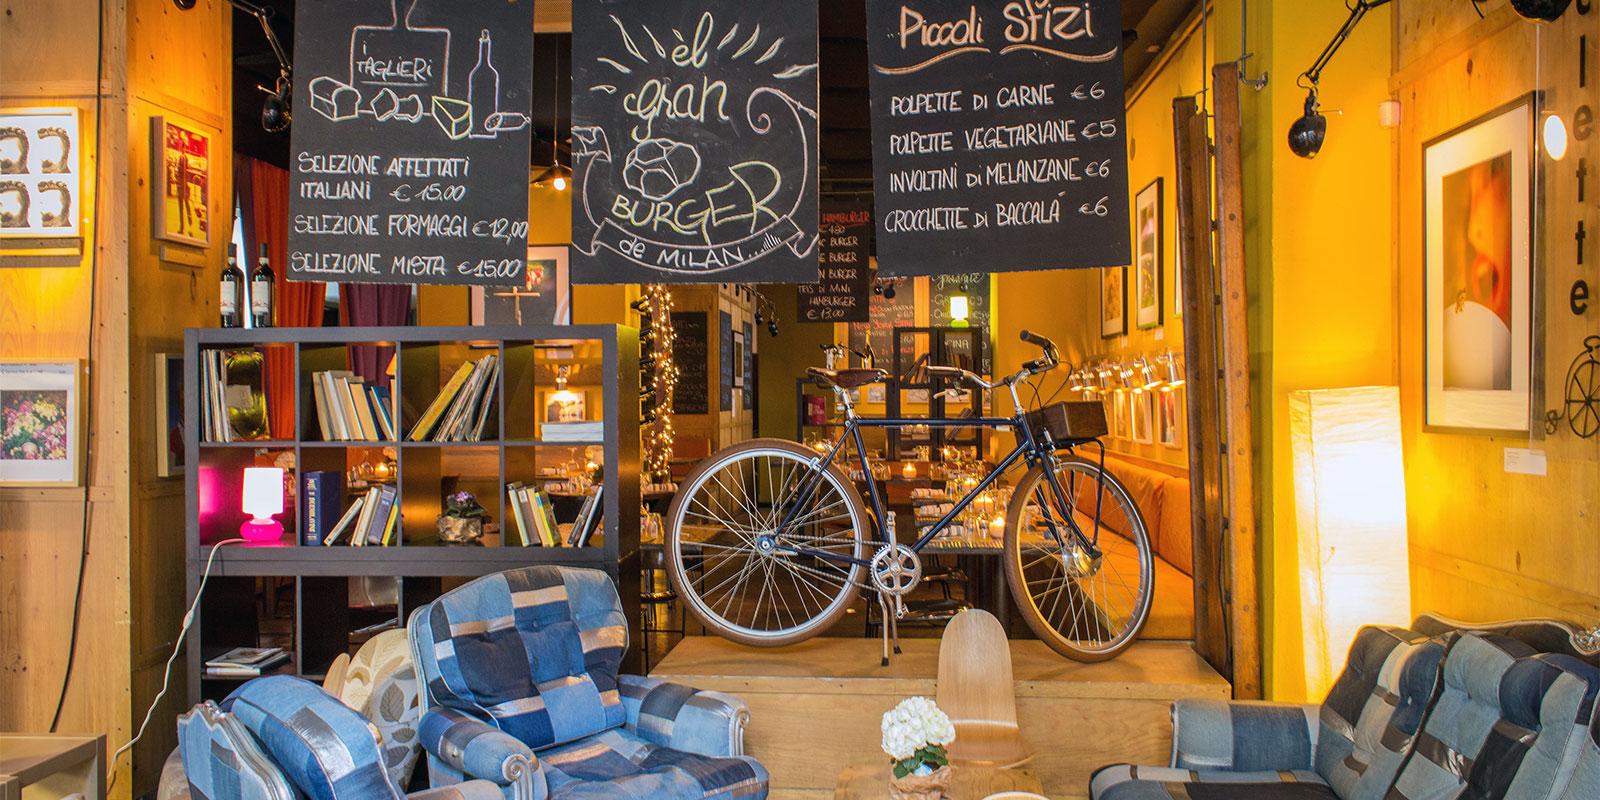 Le Biciclette Festa dei Regali Beneficenza